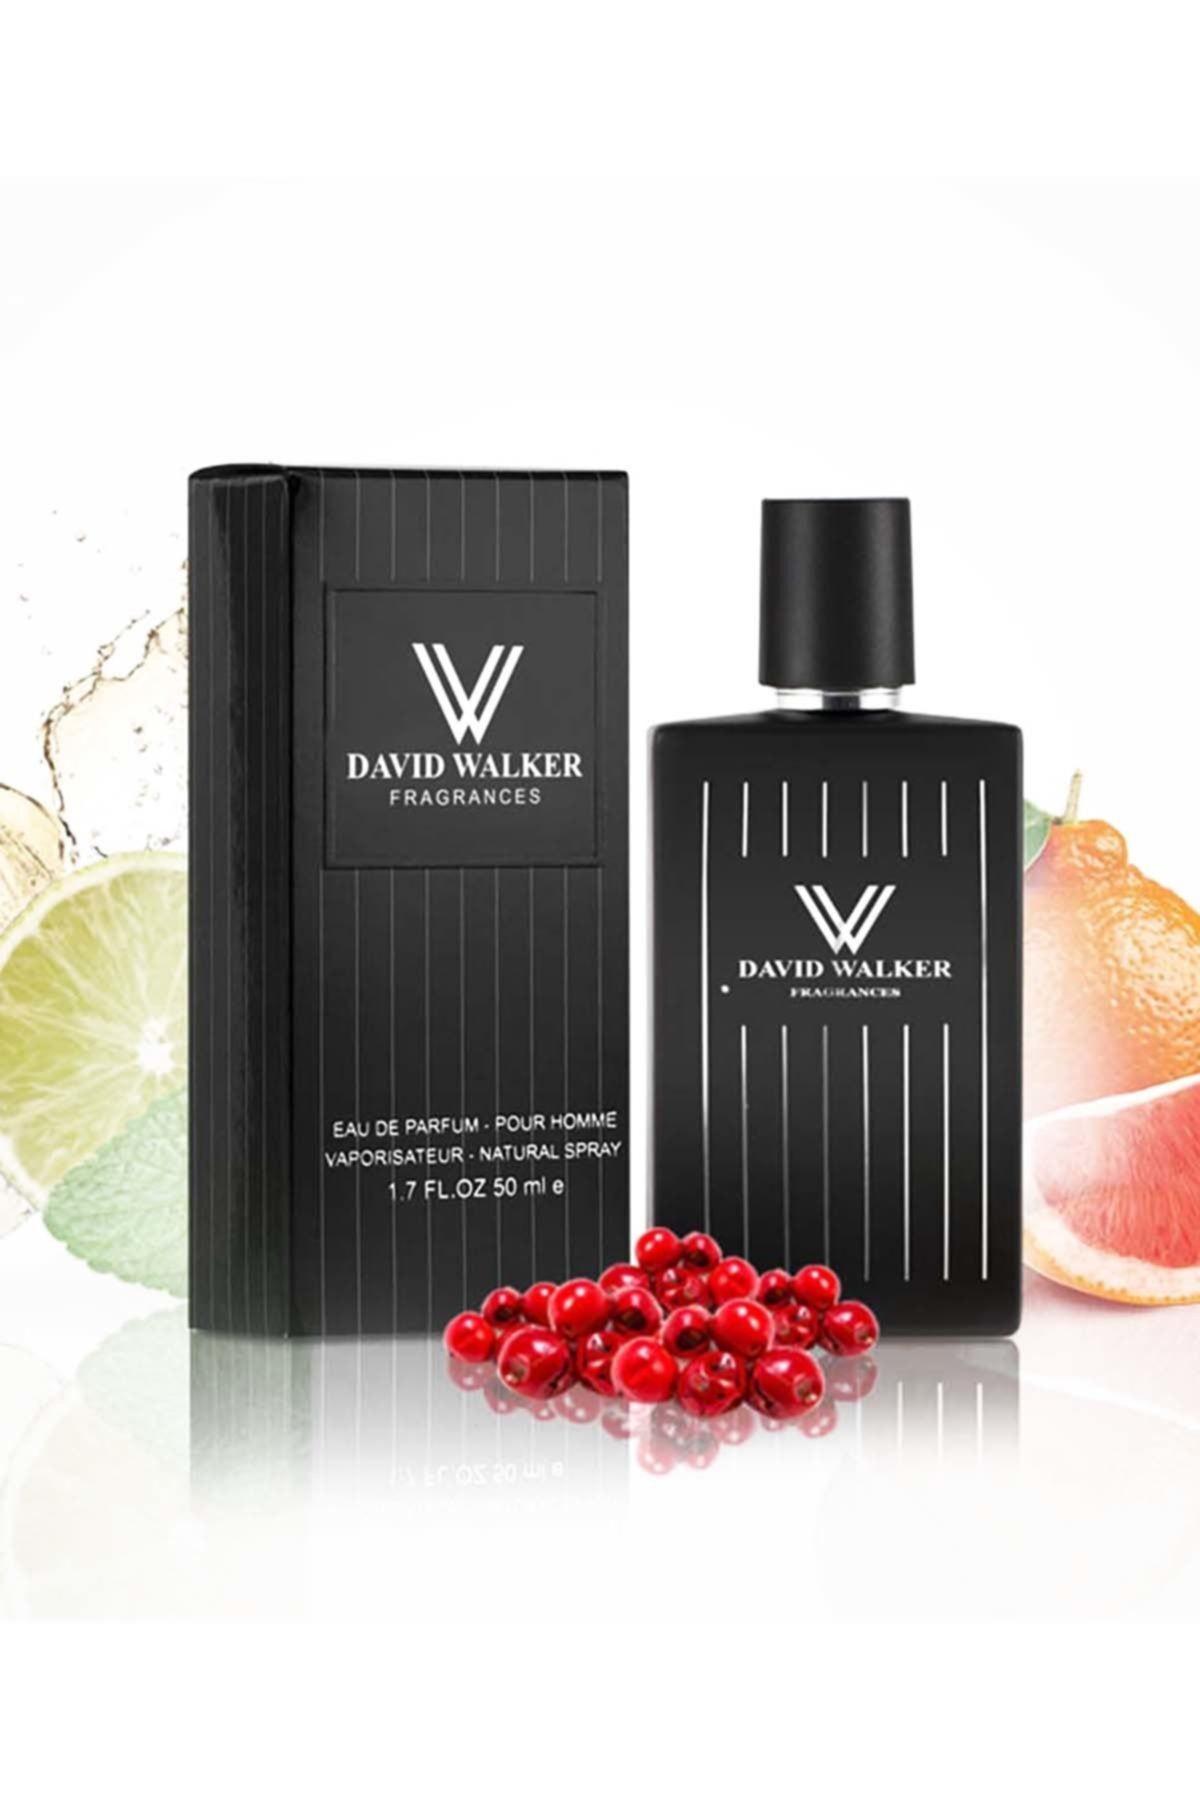 David Walker Erkek Davıd Walker Odunsu Parfüm E151 50 ml 8682530301530 1